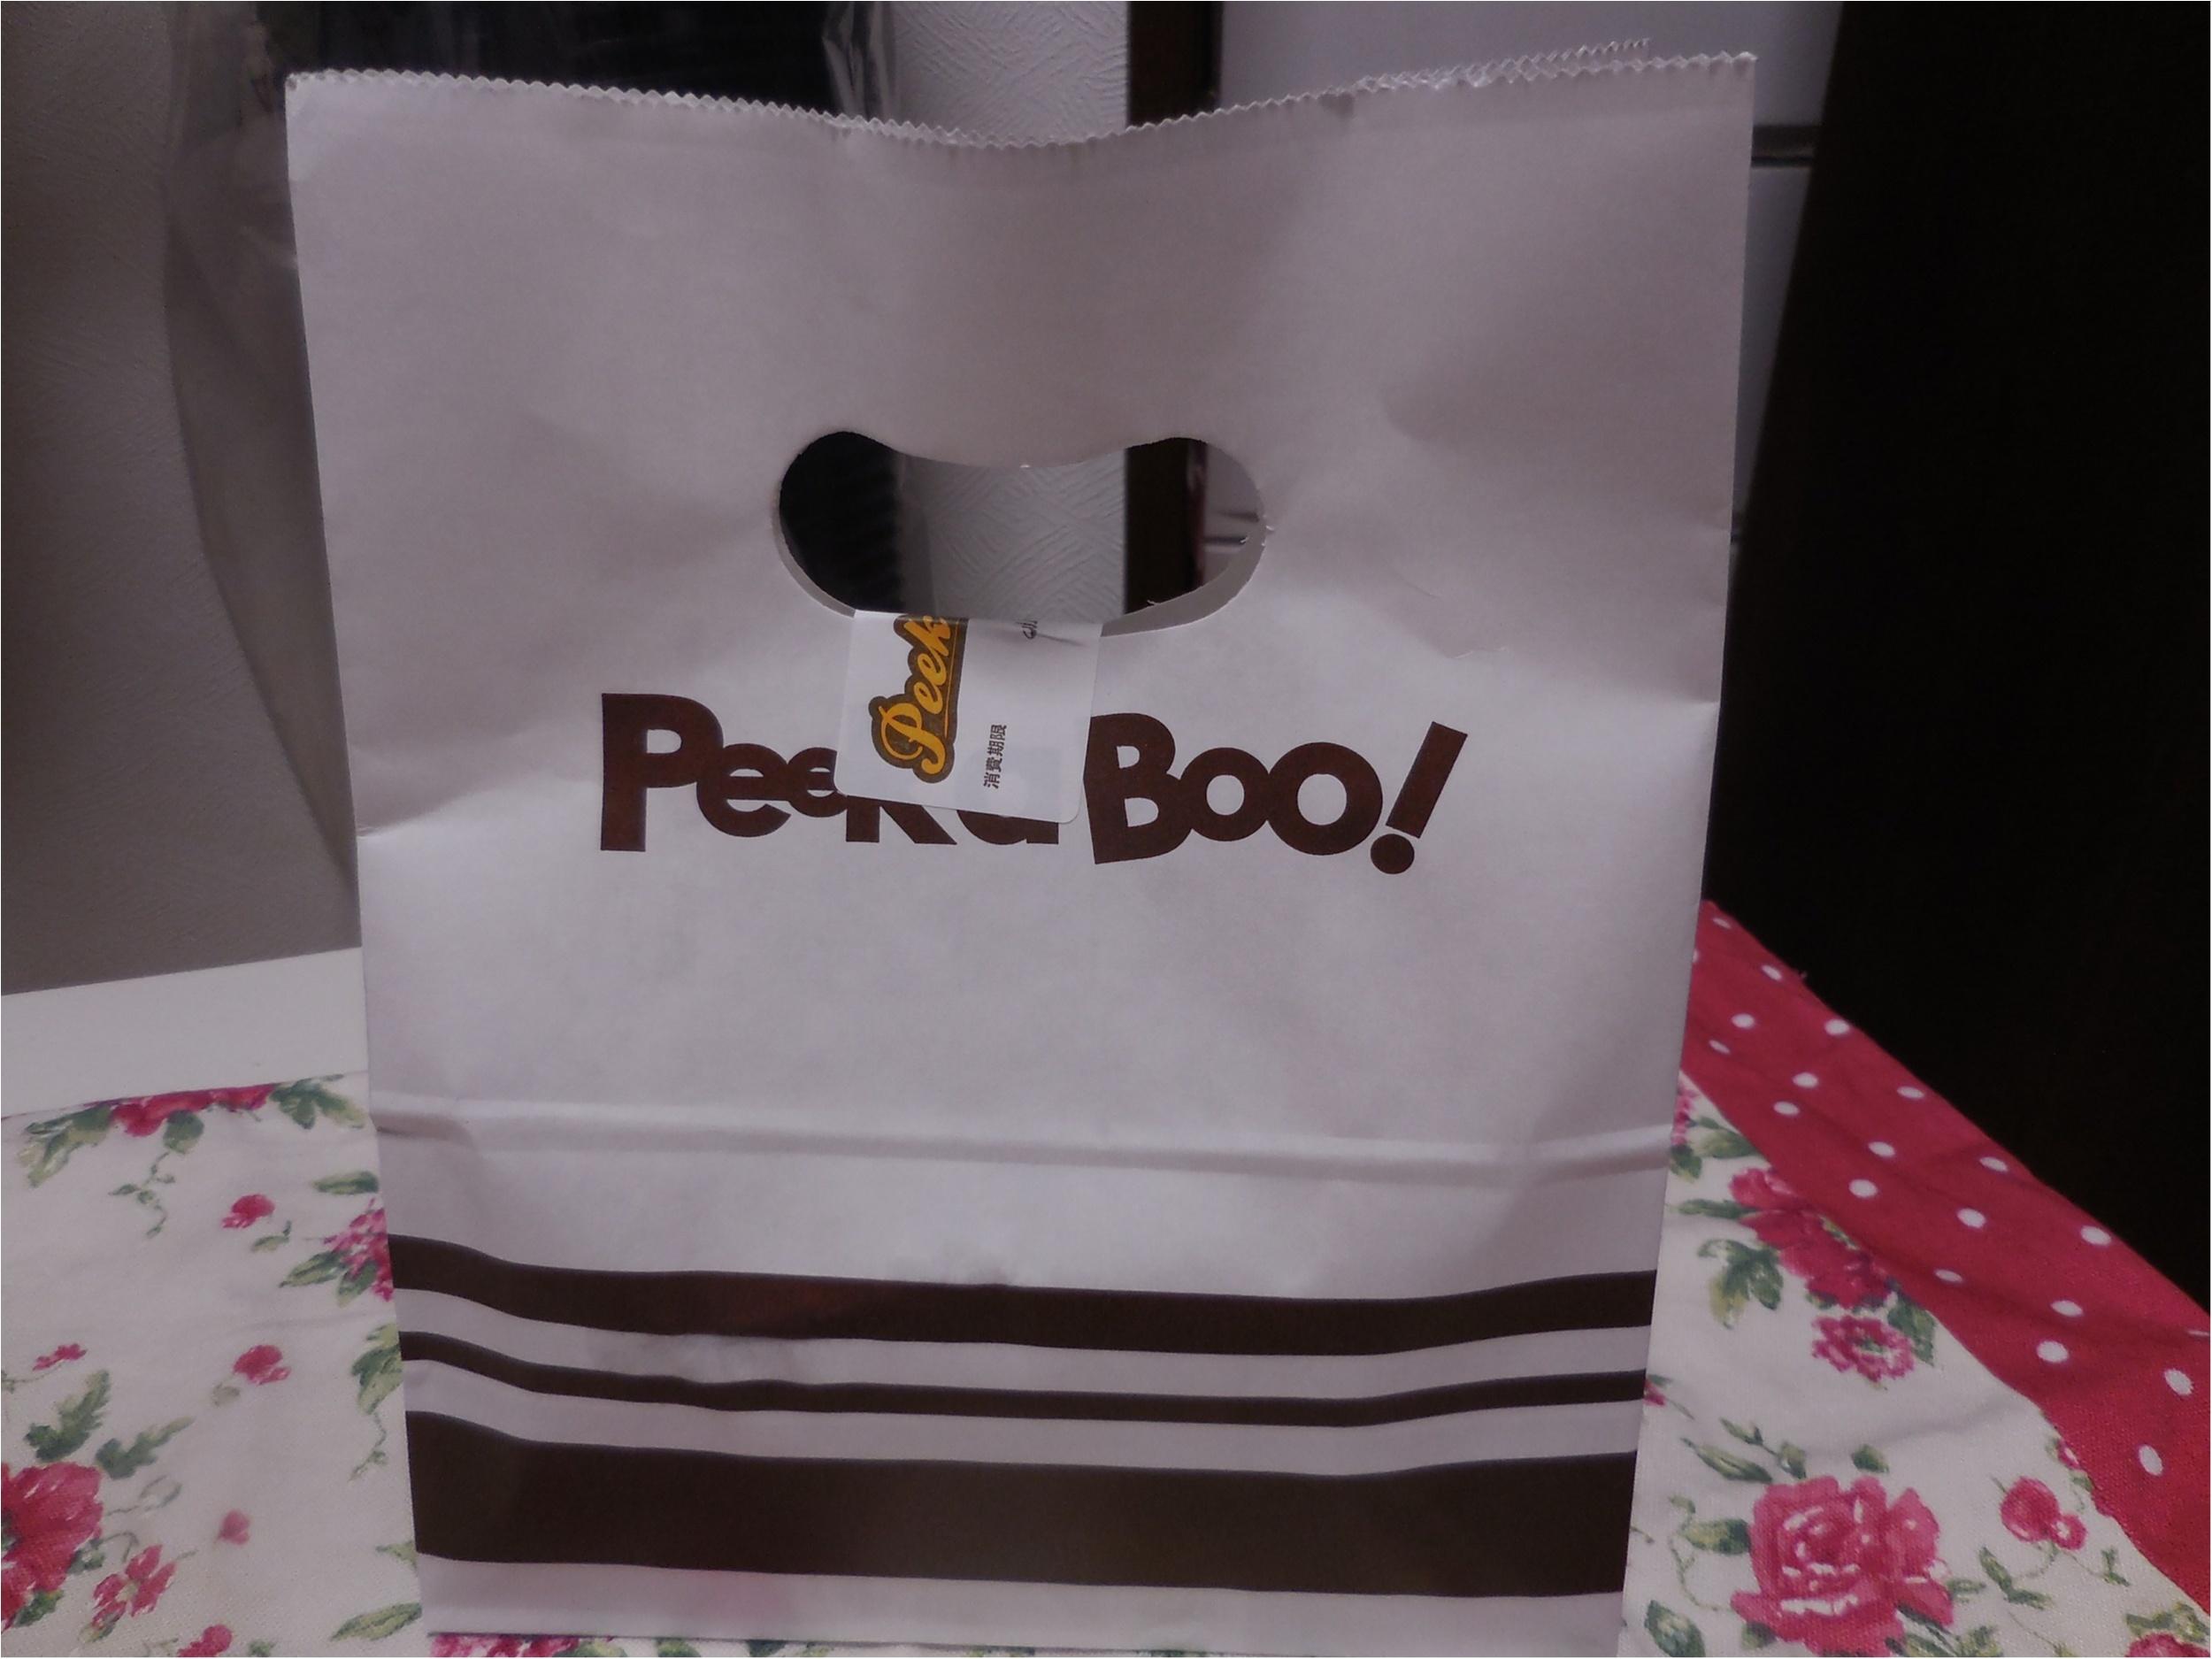 手作りワッフルが100円で買える!【PeekaBoo】(ピカブー)でワッフルを買ってみました。_1